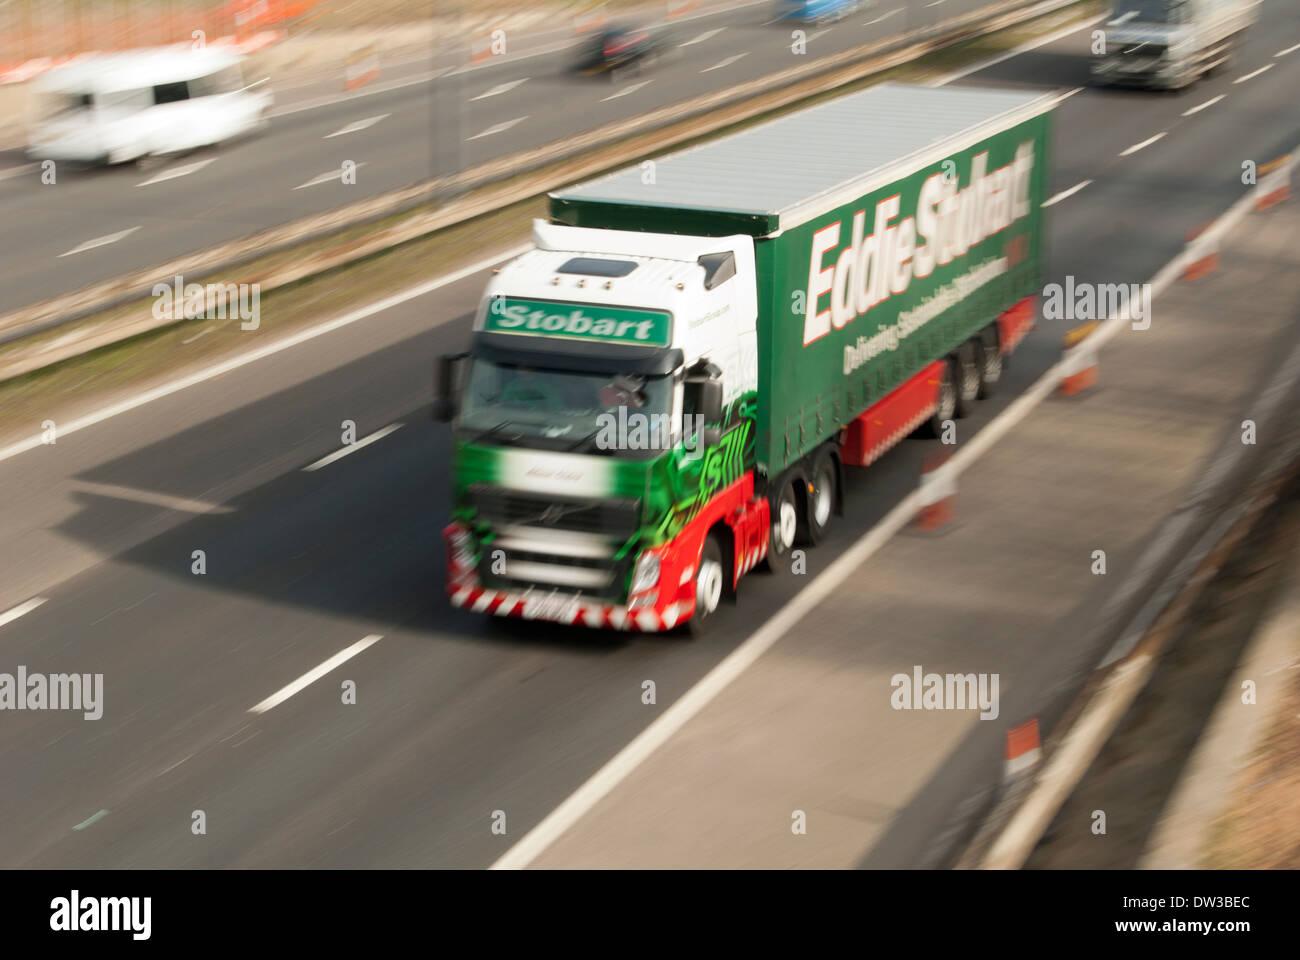 Eddie Stobart HGV truck driving along M62 motorway, Cheshire, UK - Stock Image